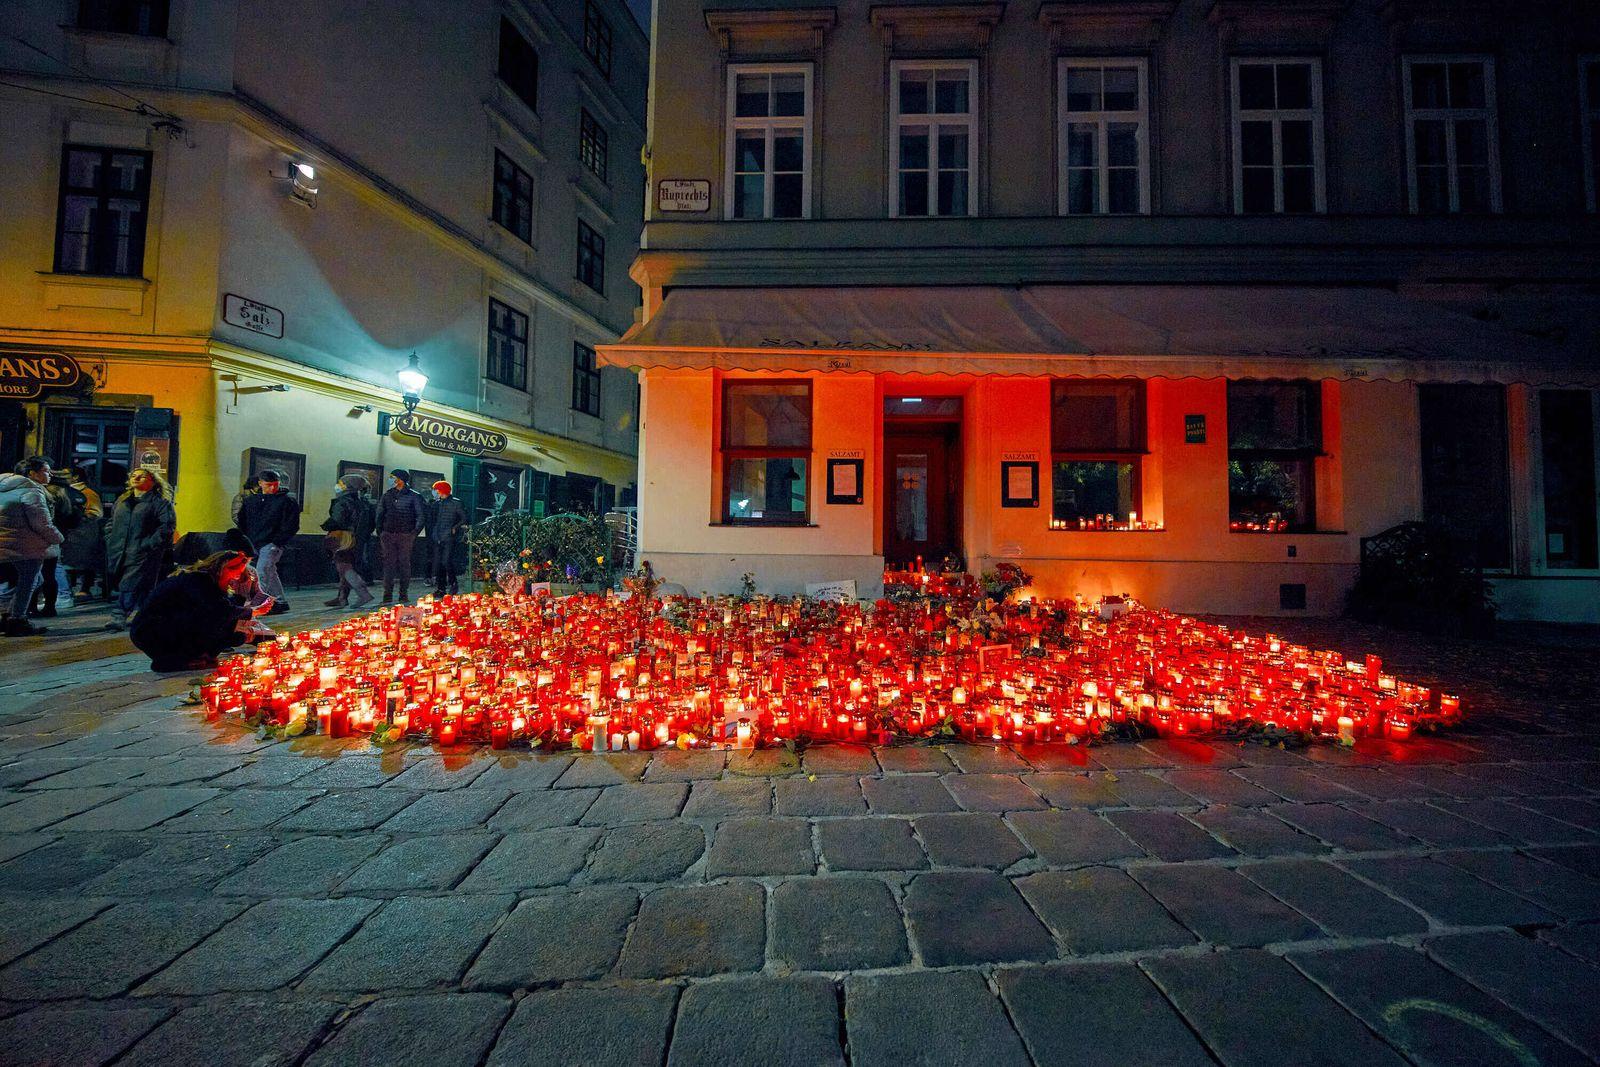 - Wien 08.11.2020 - Knapp eine Woche nach dem Terroranschlag in der Wiener Innenstadt bei dem fünf Menschen getötet wur